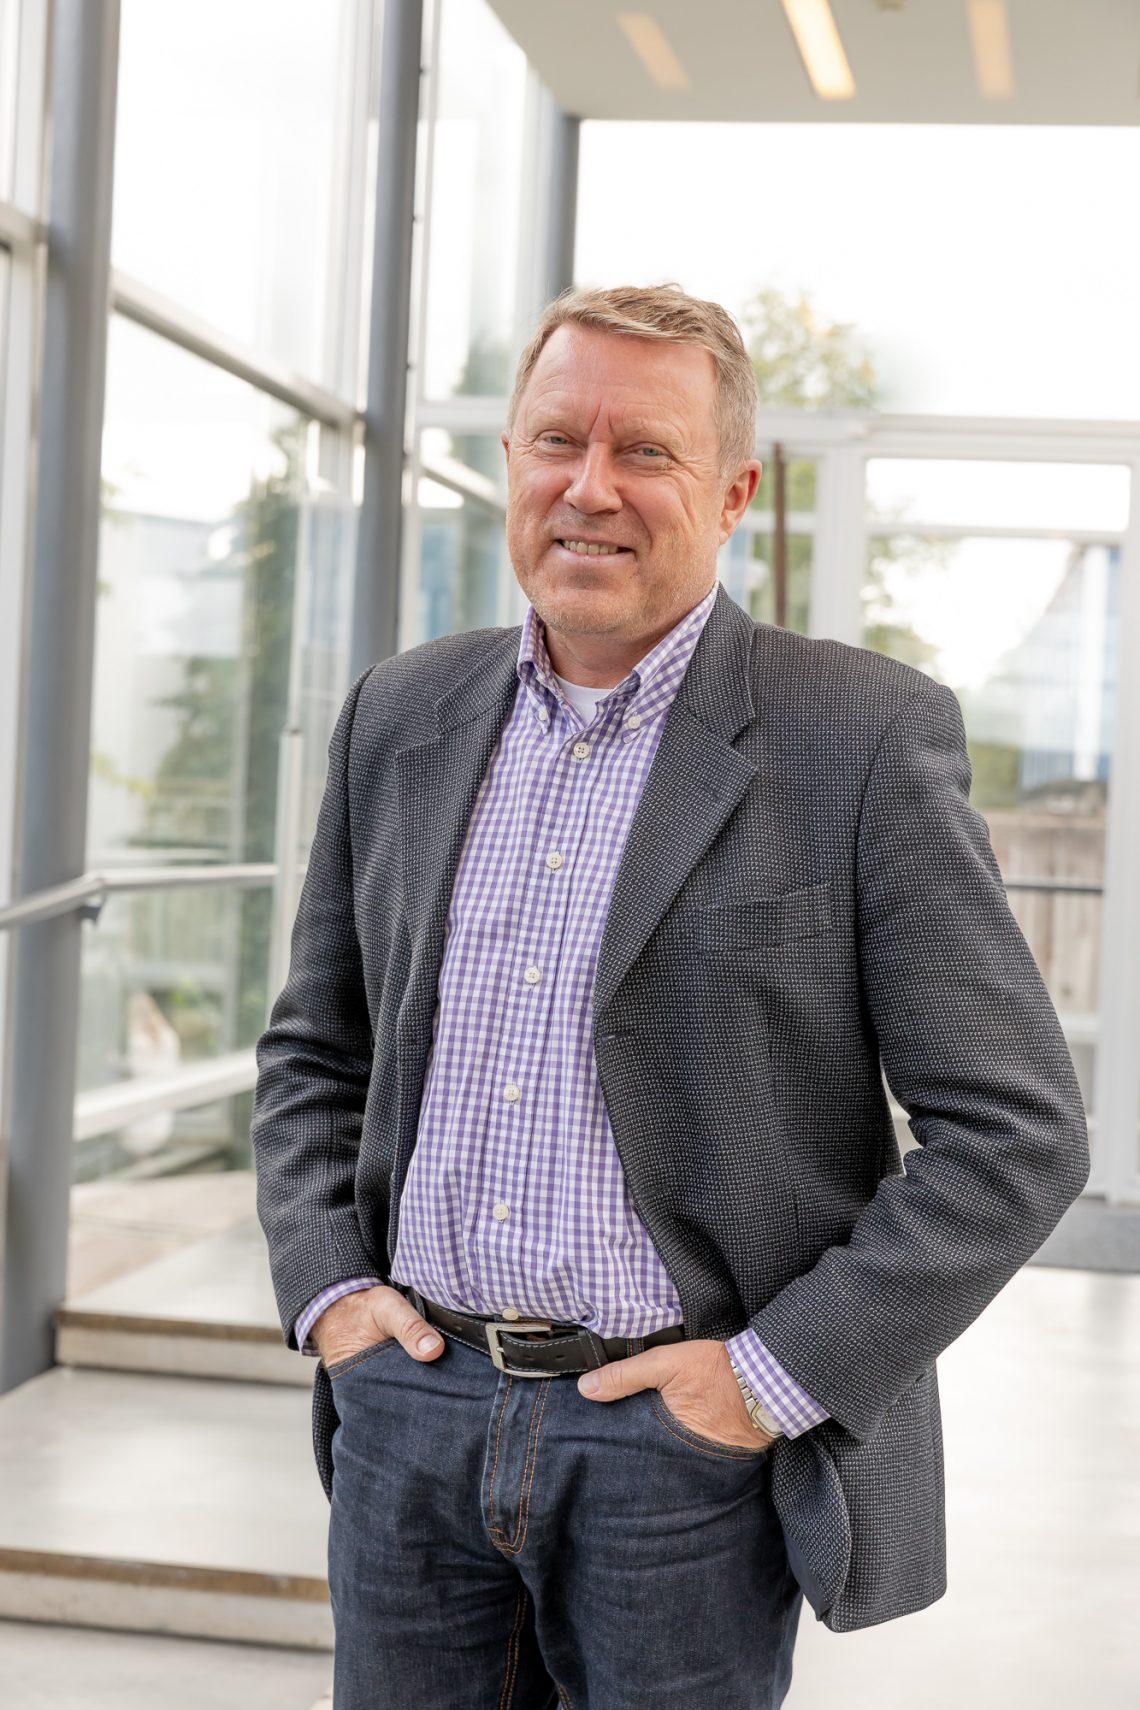 Rehtori Jukka Kola katsoo hymyillen kameraan.